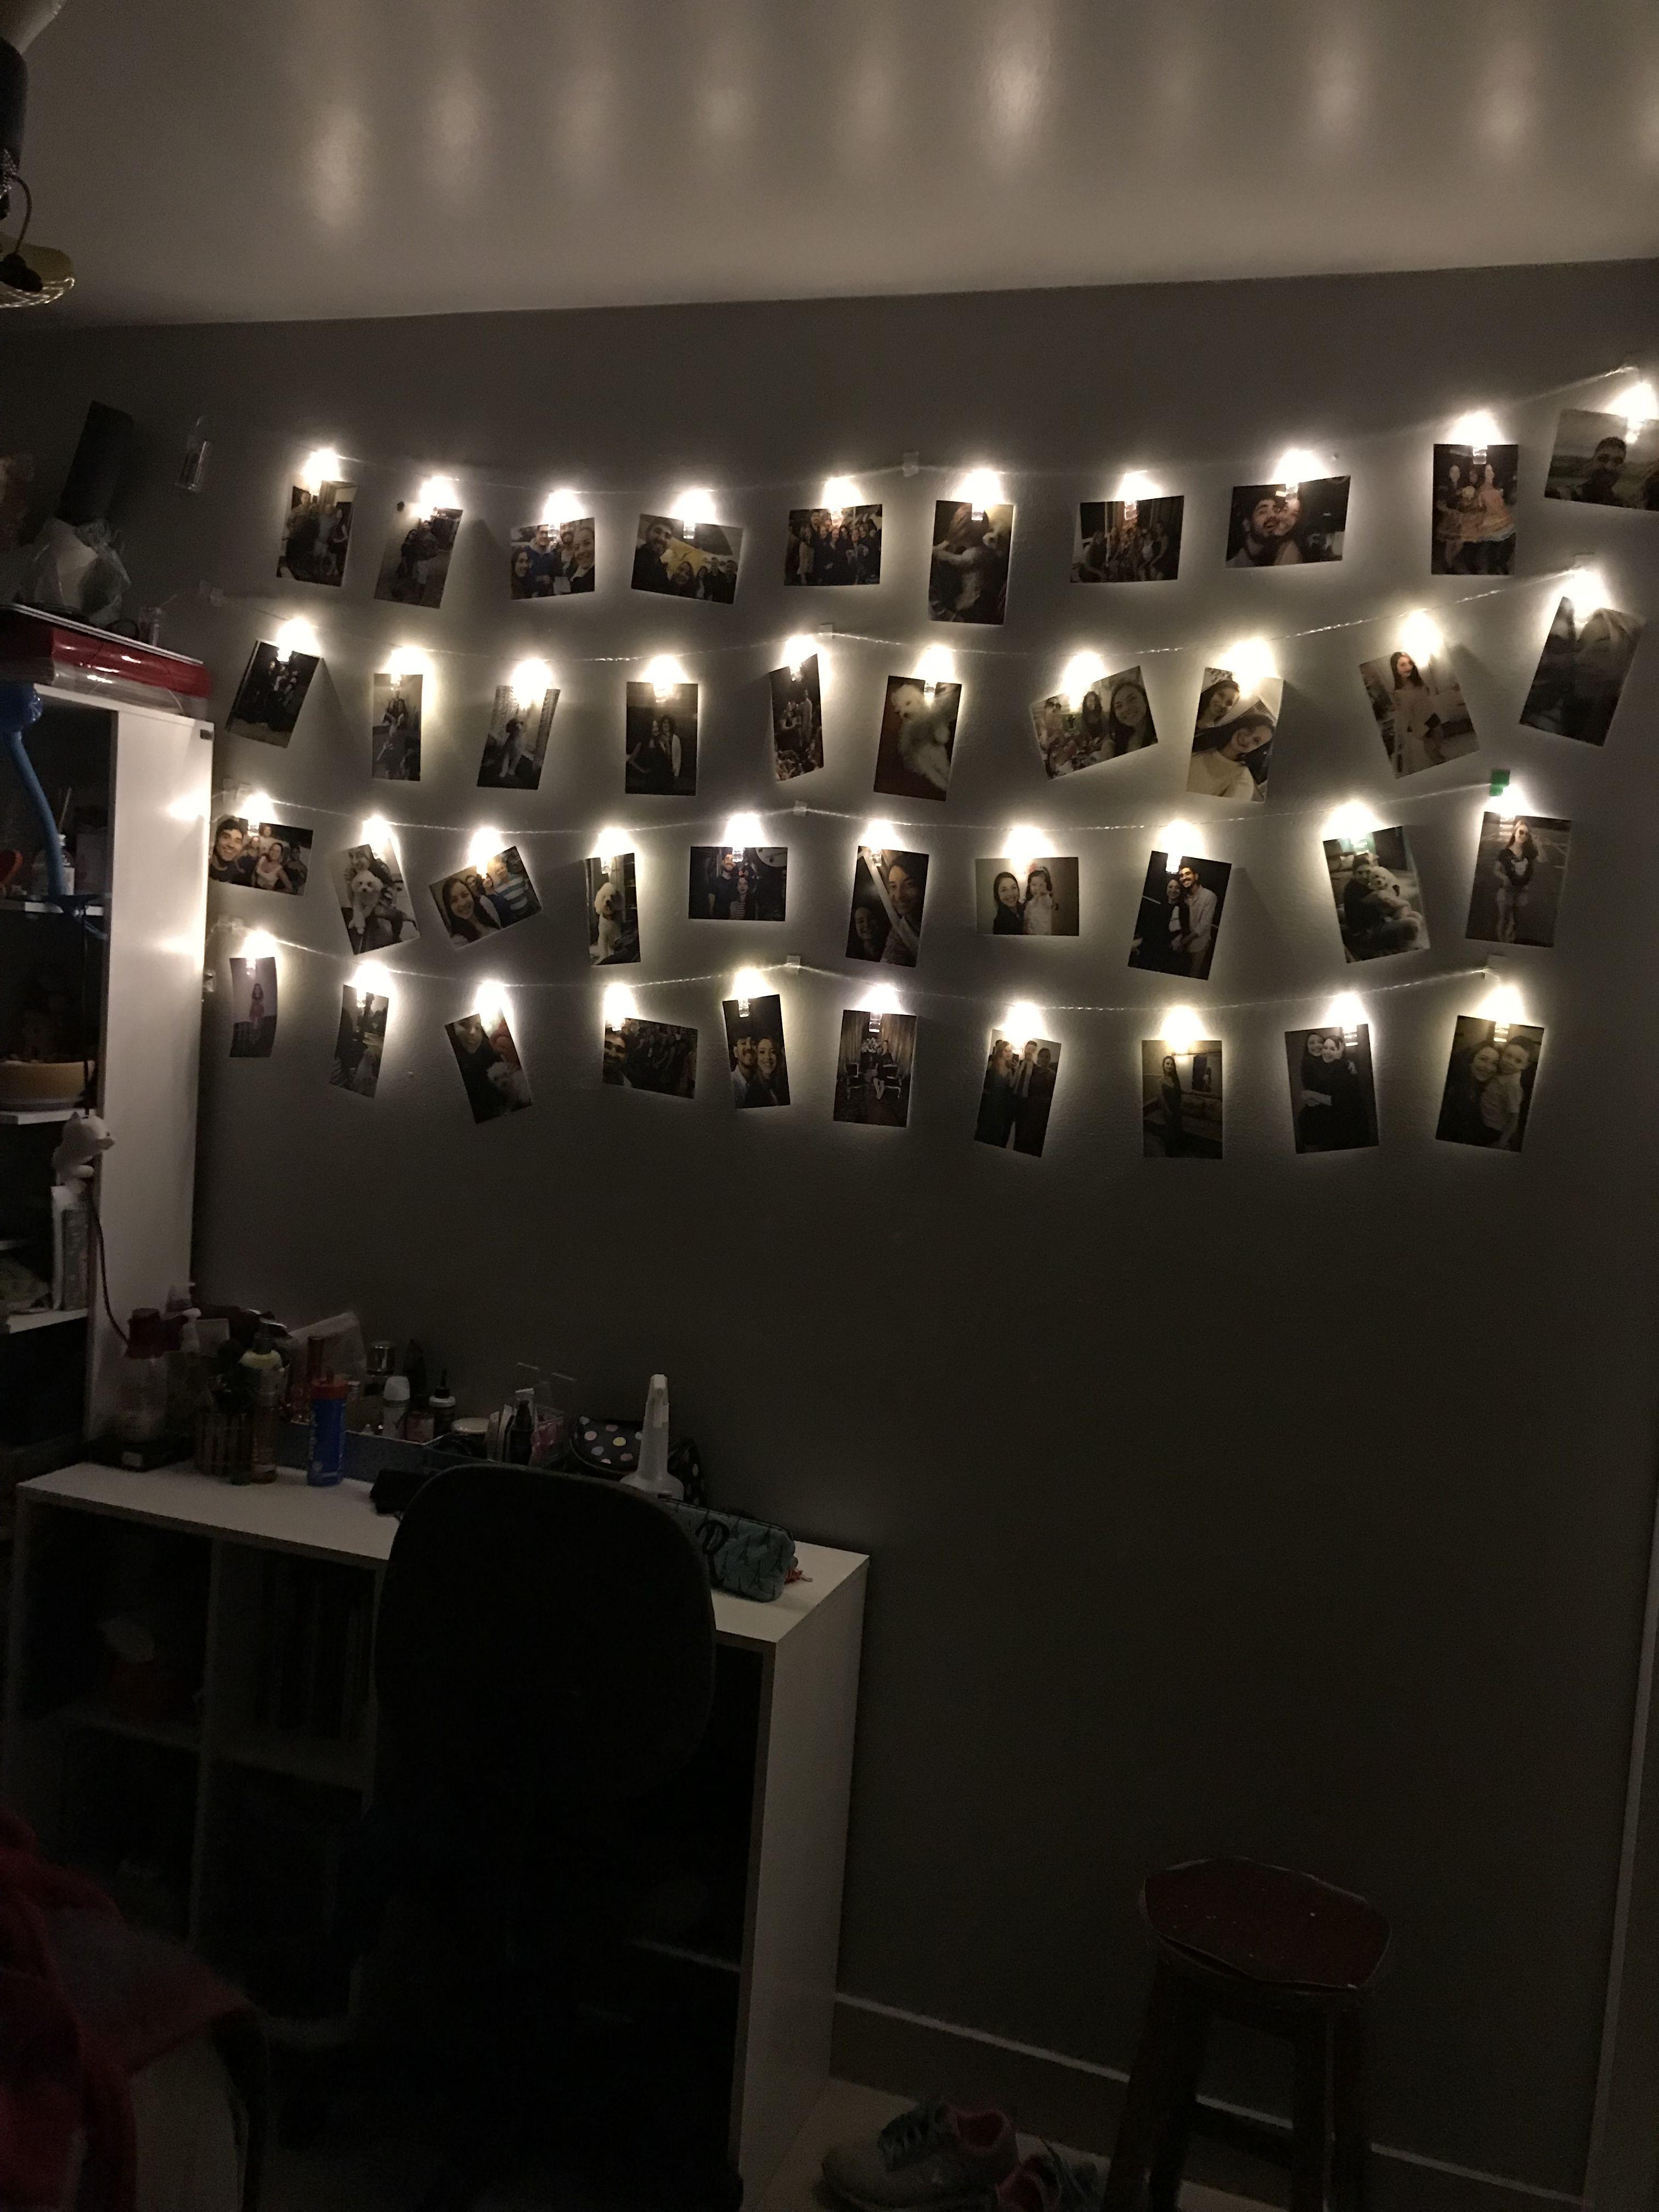 Pin Von Ivonne Auf Zimmer In 2020 Led Licht Led Beleuchtung Zimmer